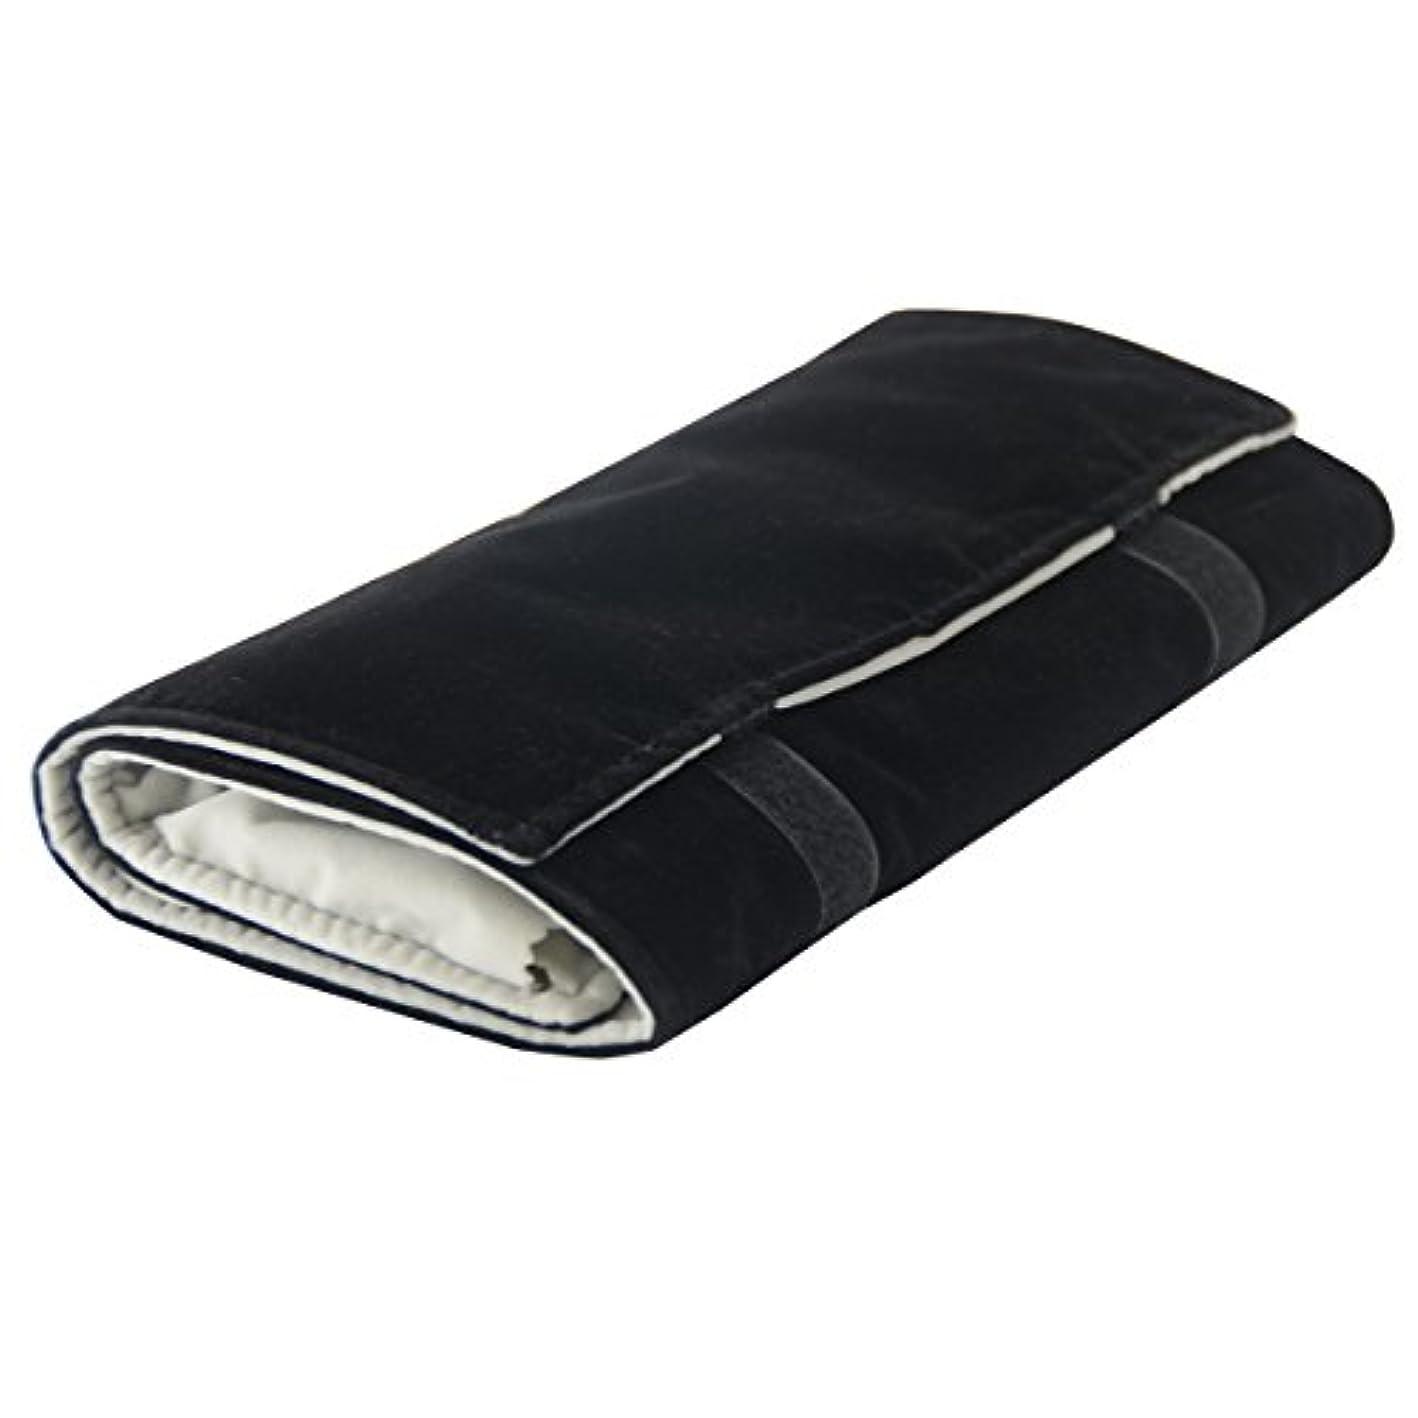 Vinerstar Jewelry Roll Bag For Holding Jewelry Organizer 16 Hook Velvet Black